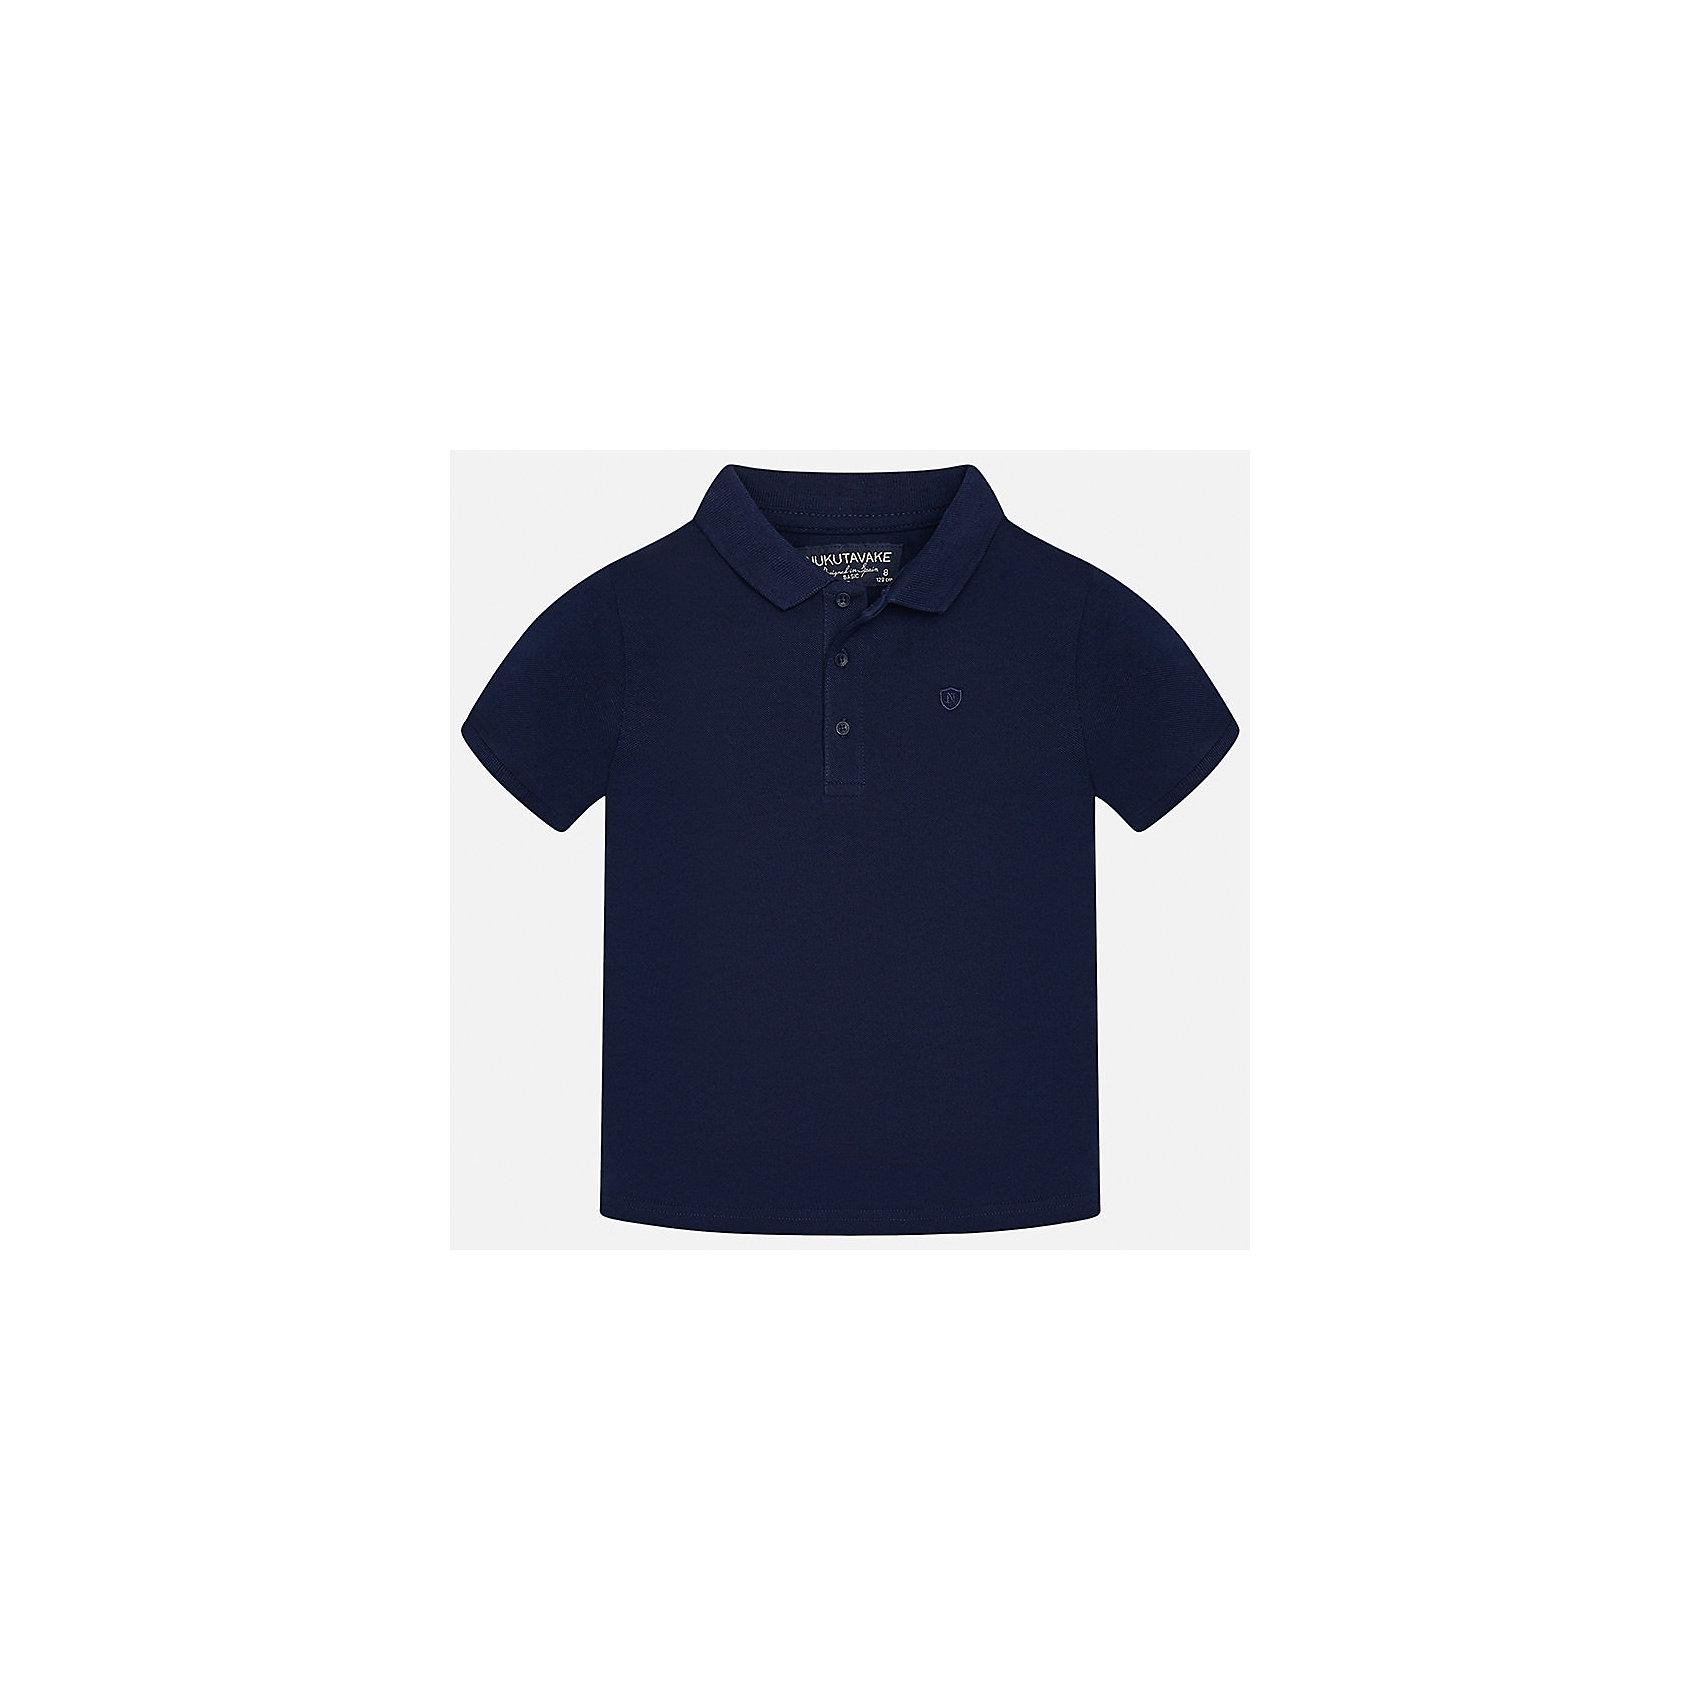 Футболка-поло для мальчика MayoralФутболки, поло и топы<br>Характеристики товара:<br><br>• цвет: темно-синий<br>• состав: 100% хлопок<br>• отложной воротник<br>• короткие рукава<br>• застежка: пуговицы<br>• страна бренда: Испания<br><br>Удобная и модная футболка-поло для мальчика может стать базовой вещью в гардеробе ребенка. Она отлично сочетается с брюками, шортами, джинсами и т.д. Универсальный крой и цвет позволяет подобрать к вещи низ разных расцветок. Практичное и стильное изделие! В составе материала - только натуральный хлопок, гипоаллергенный, приятный на ощупь, дышащий.<br><br>Одежда, обувь и аксессуары от испанского бренда Mayoral полюбились детям и взрослым по всему миру. Модели этой марки - стильные и удобные. Для их производства используются только безопасные, качественные материалы и фурнитура. Порадуйте ребенка модными и красивыми вещами от Mayoral! <br><br>Футболку-поло для мальчика от испанского бренда Mayoral (Майорал) можно купить в нашем интернет-магазине.<br><br>Ширина мм: 230<br>Глубина мм: 40<br>Высота мм: 220<br>Вес г: 250<br>Цвет: синий<br>Возраст от месяцев: 84<br>Возраст до месяцев: 96<br>Пол: Мужской<br>Возраст: Детский<br>Размер: 128/134,170,164,158,152,140<br>SKU: 5278370